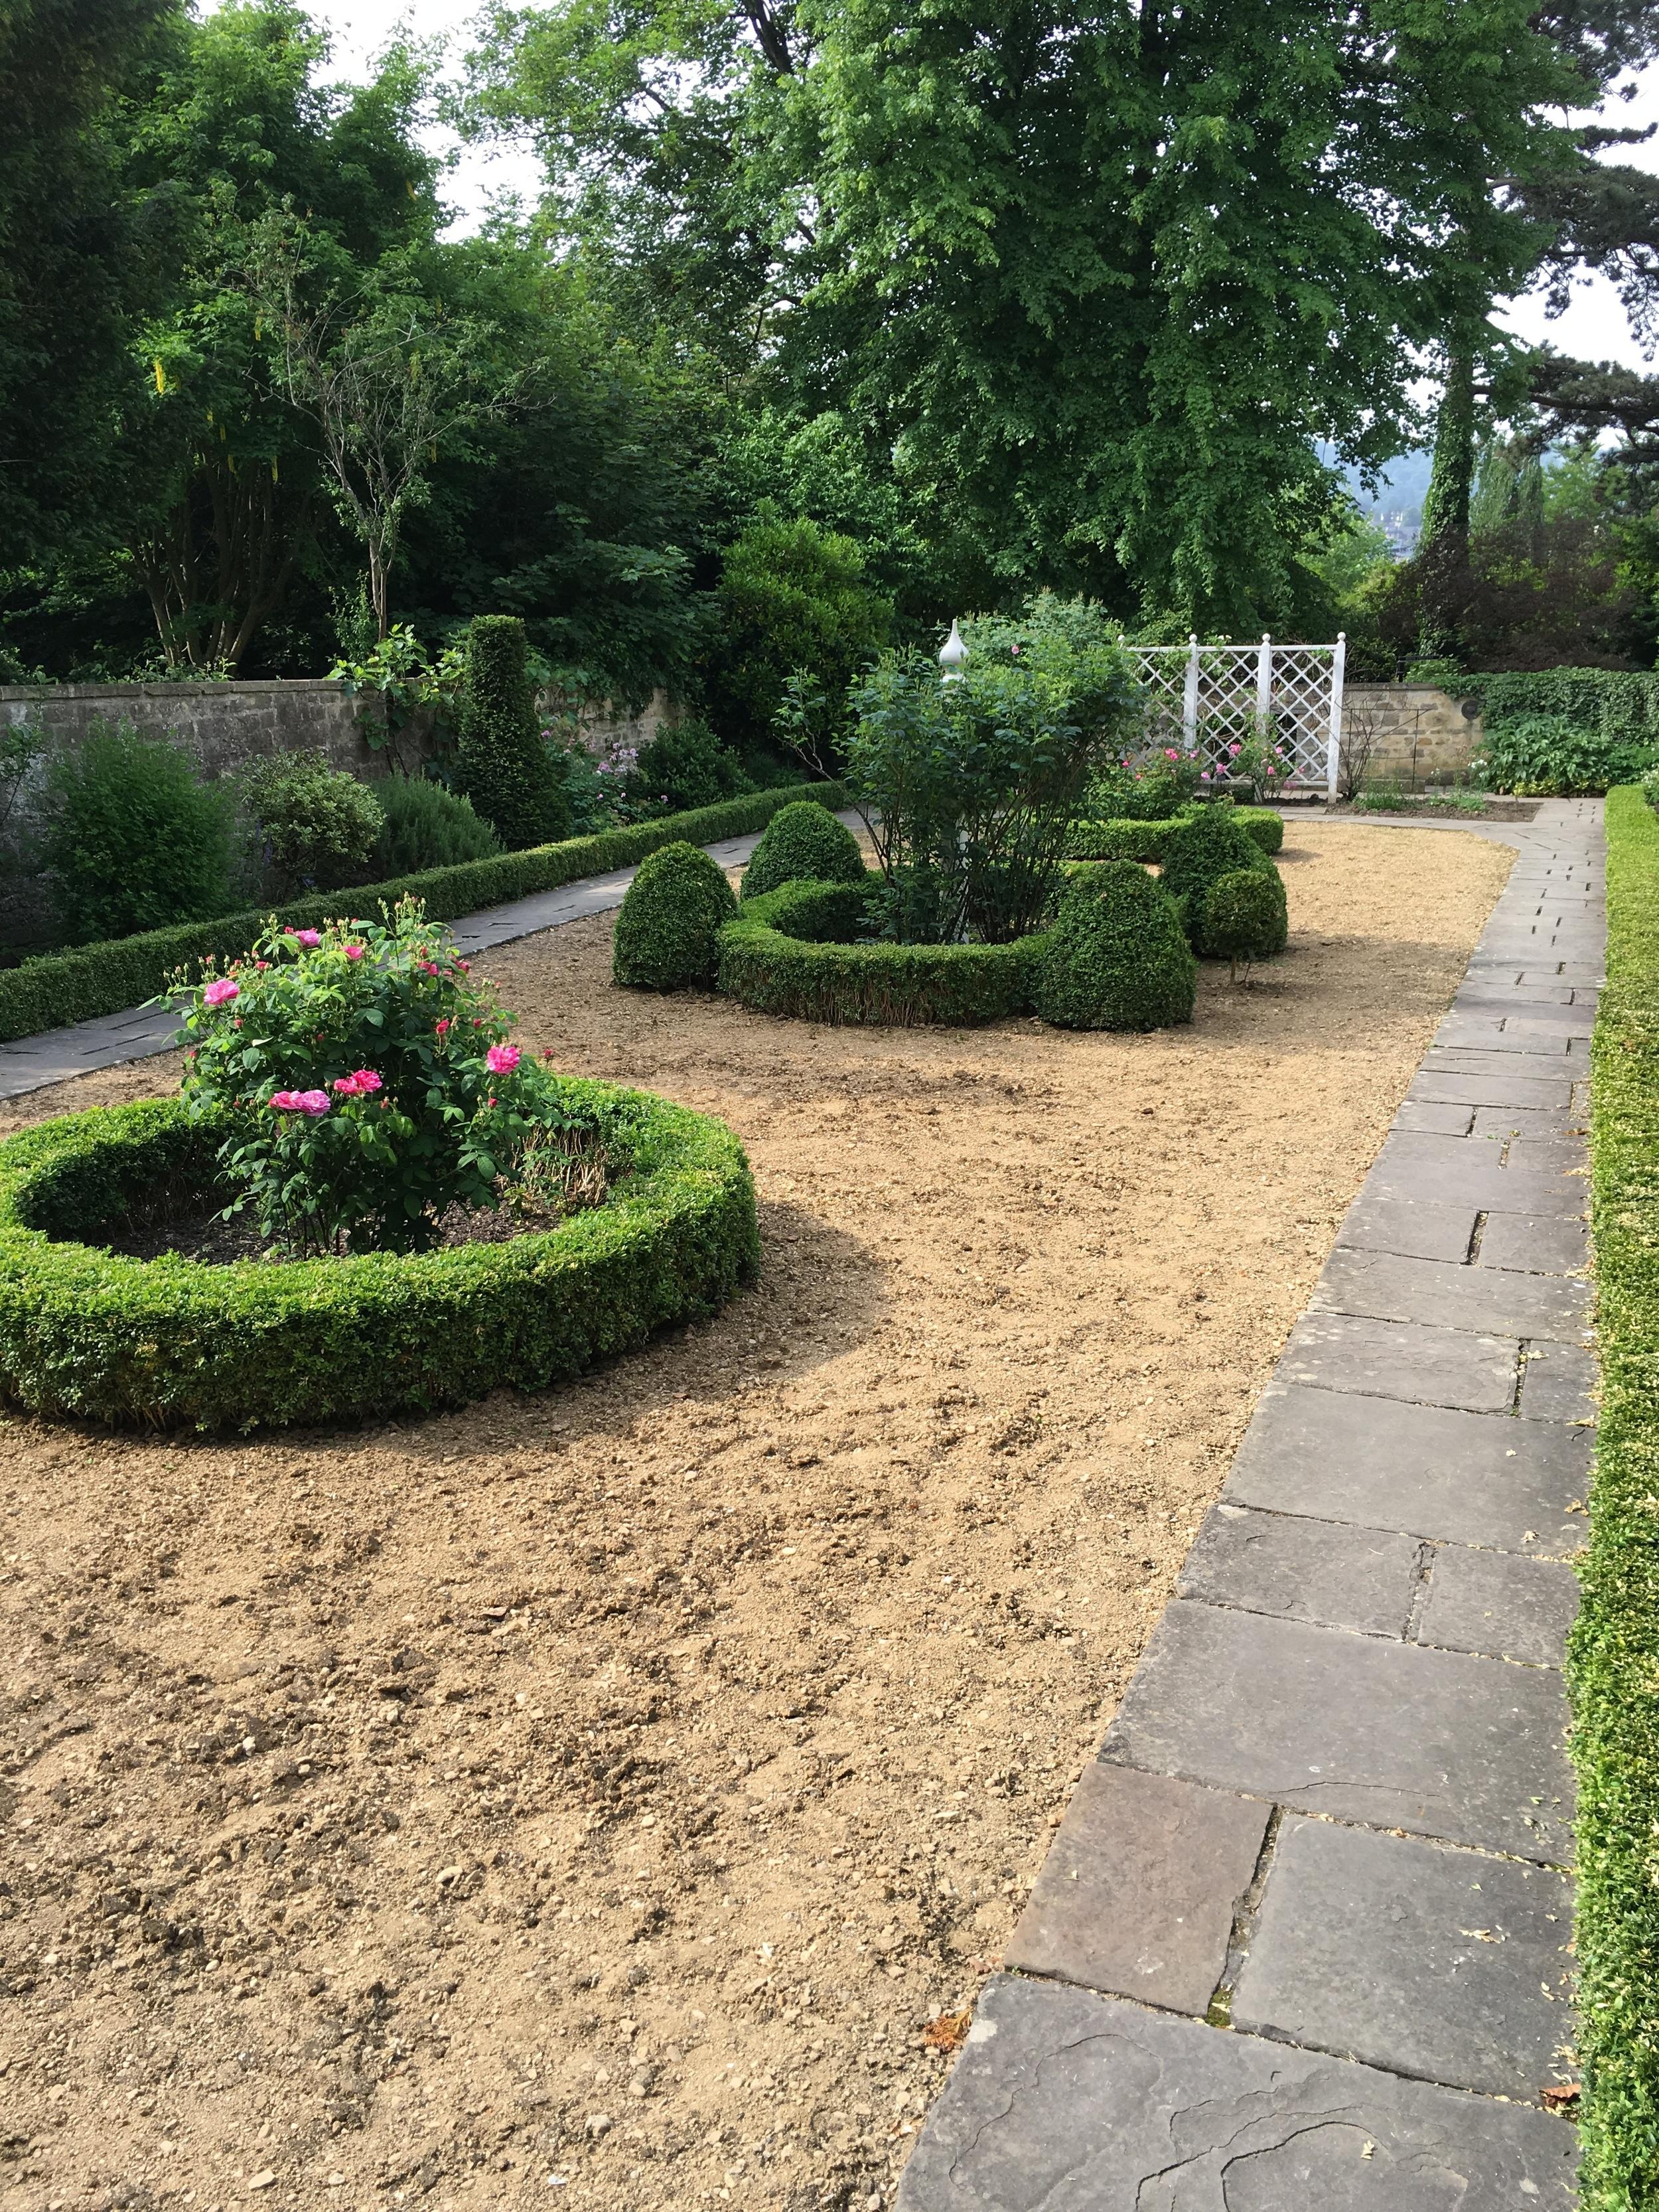 Part of the Georgian garden.